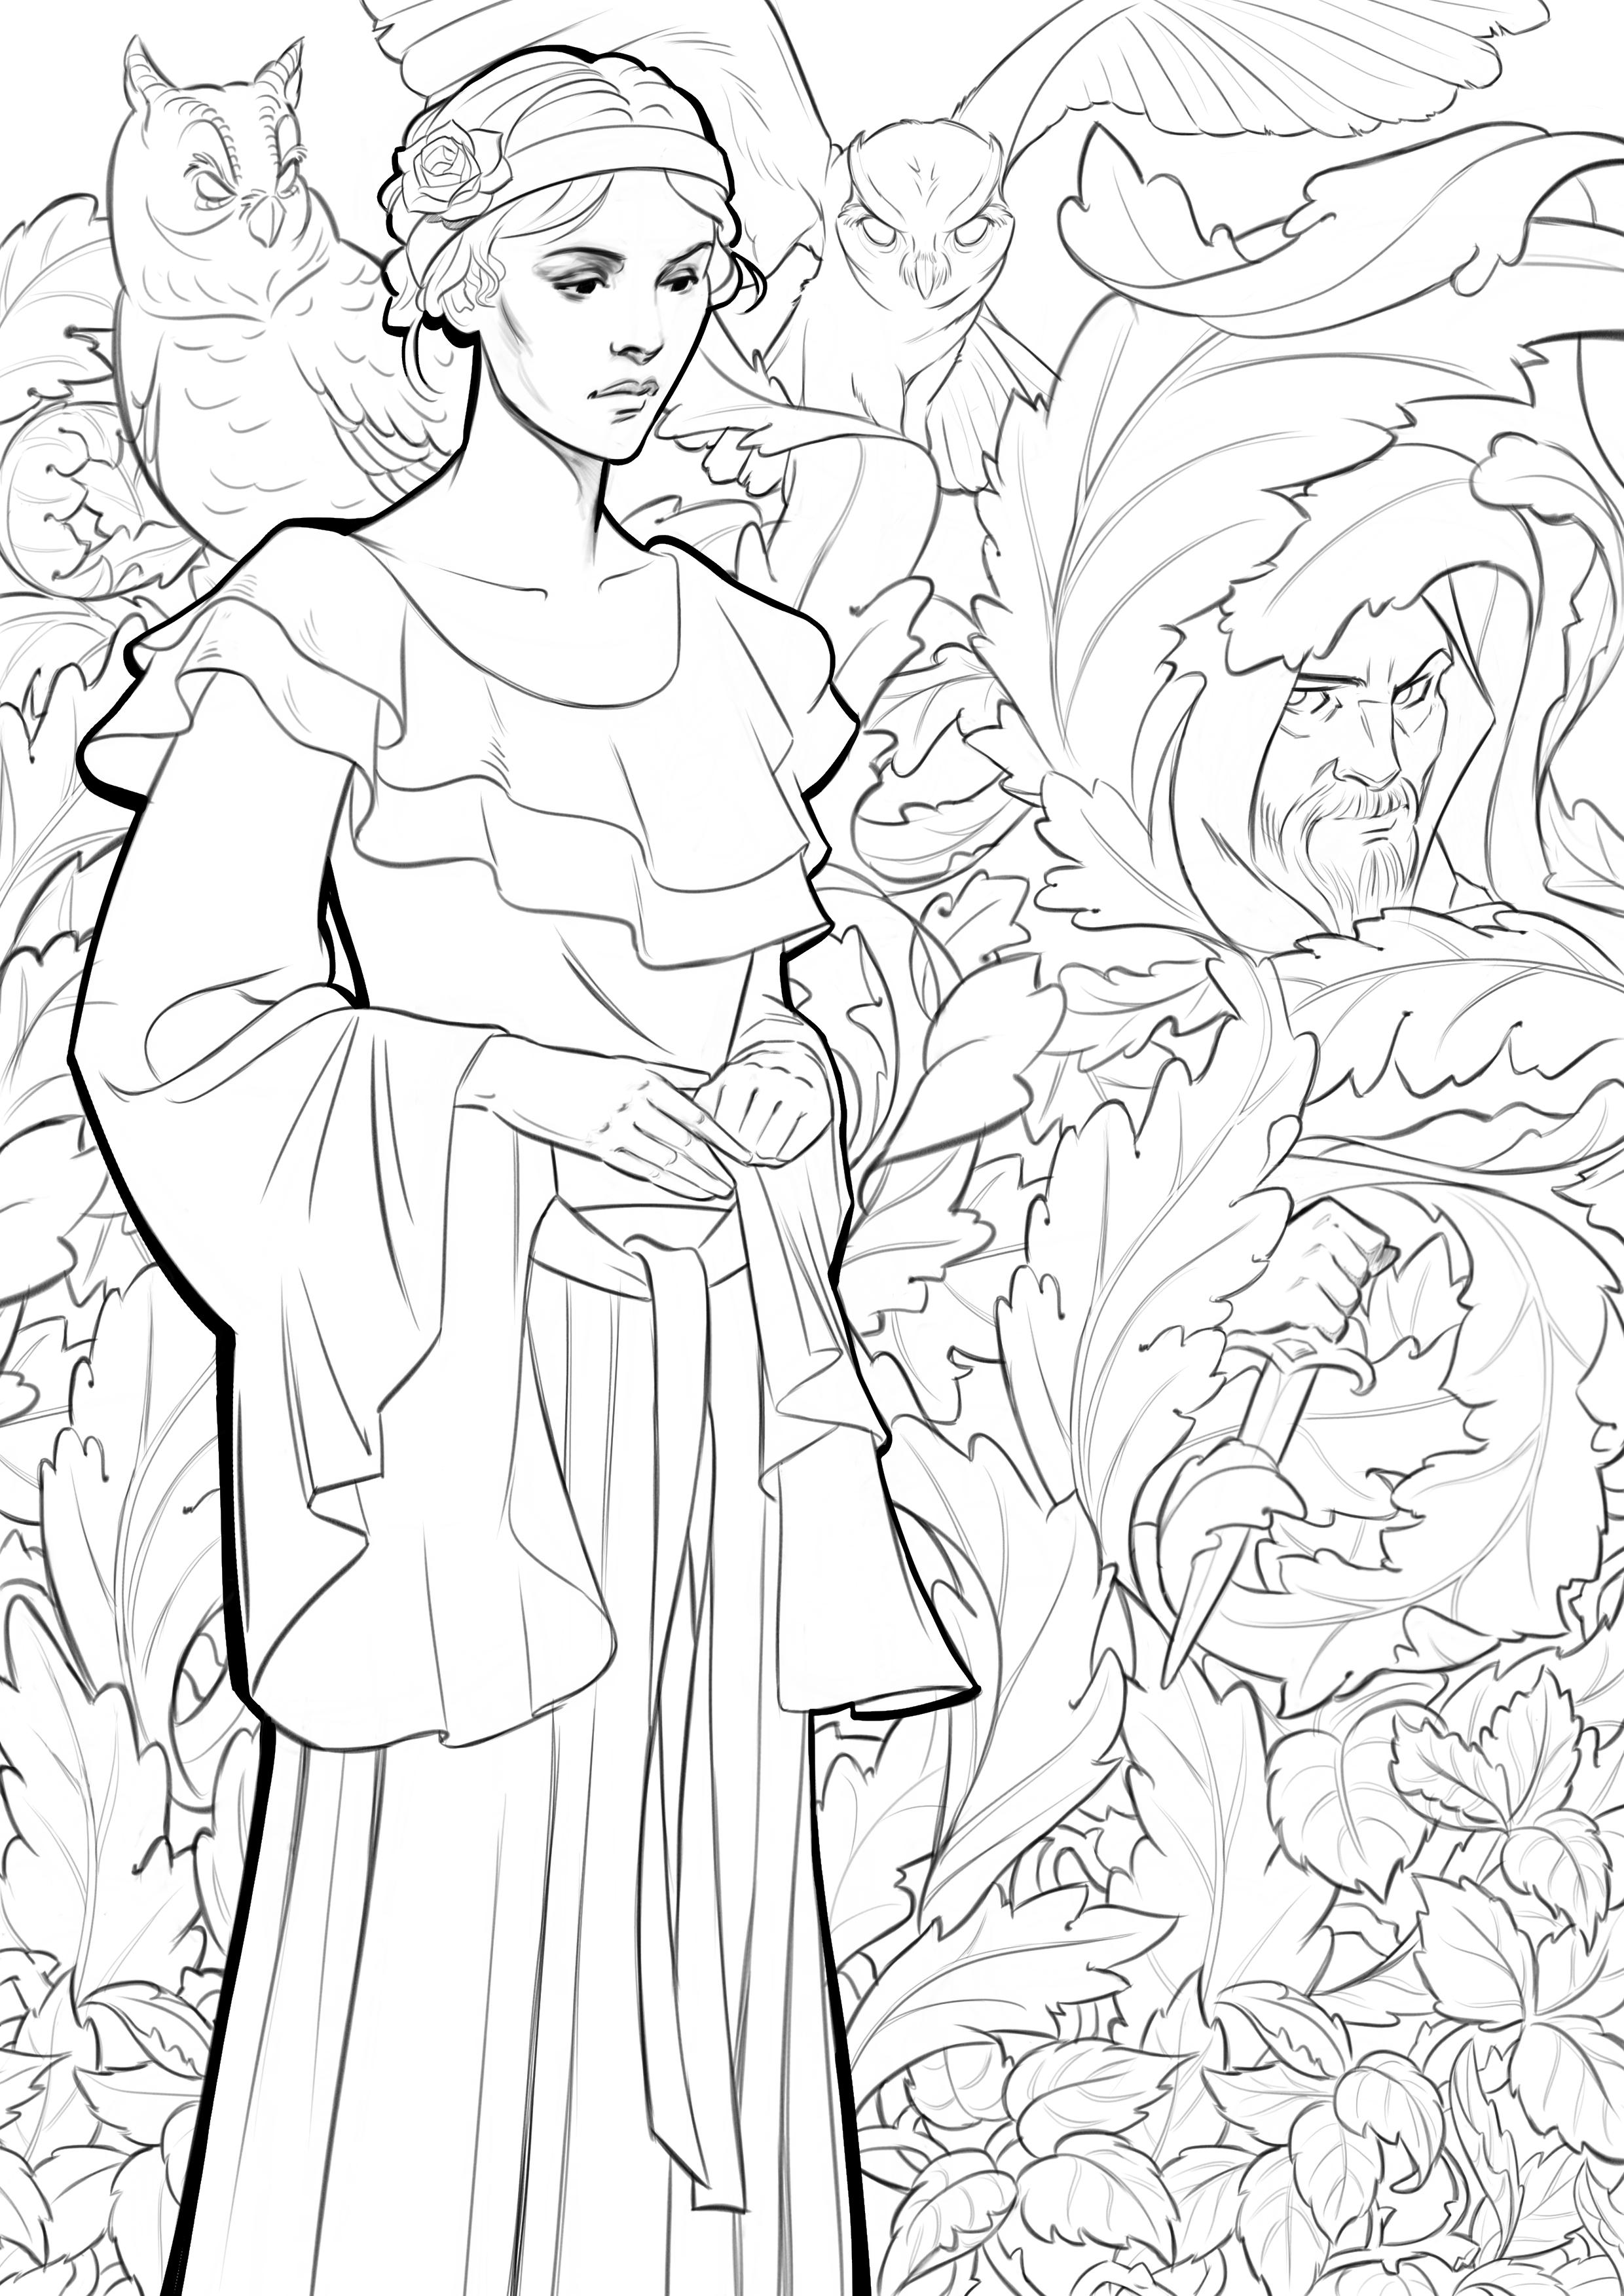 03-Lineart-Sketch-a.jpg